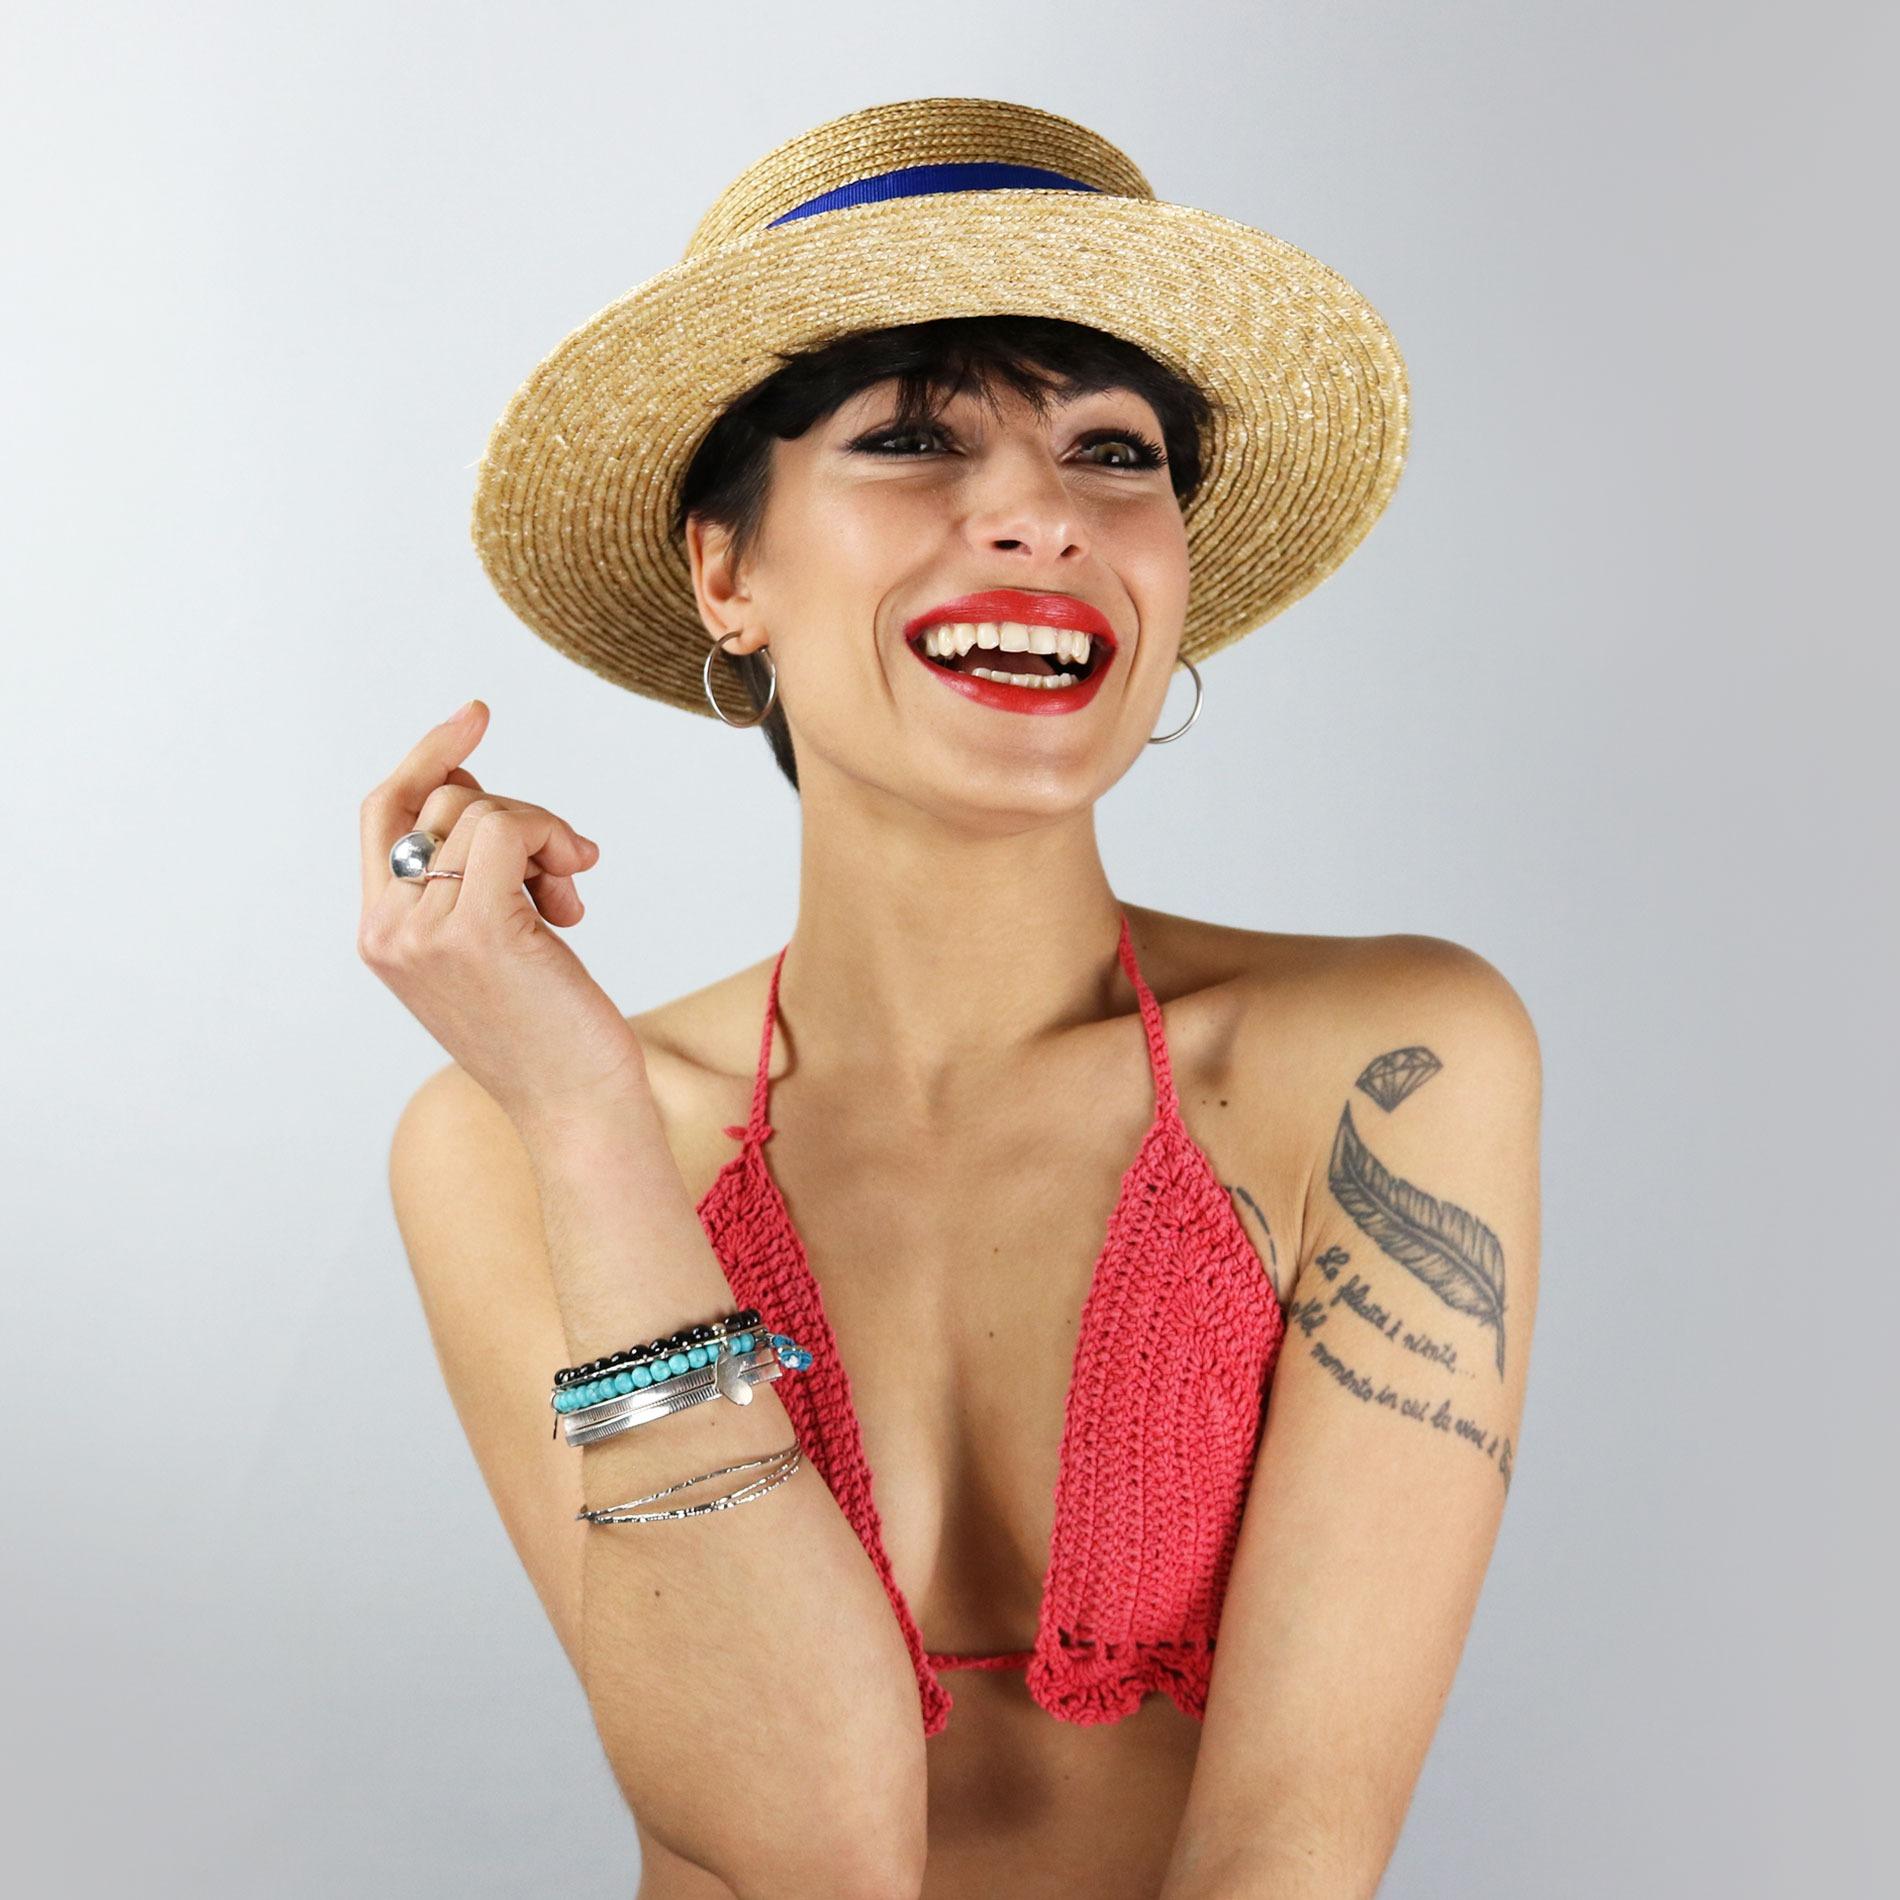 Cappello paglietta con decorazioni - Cappelli estivo!